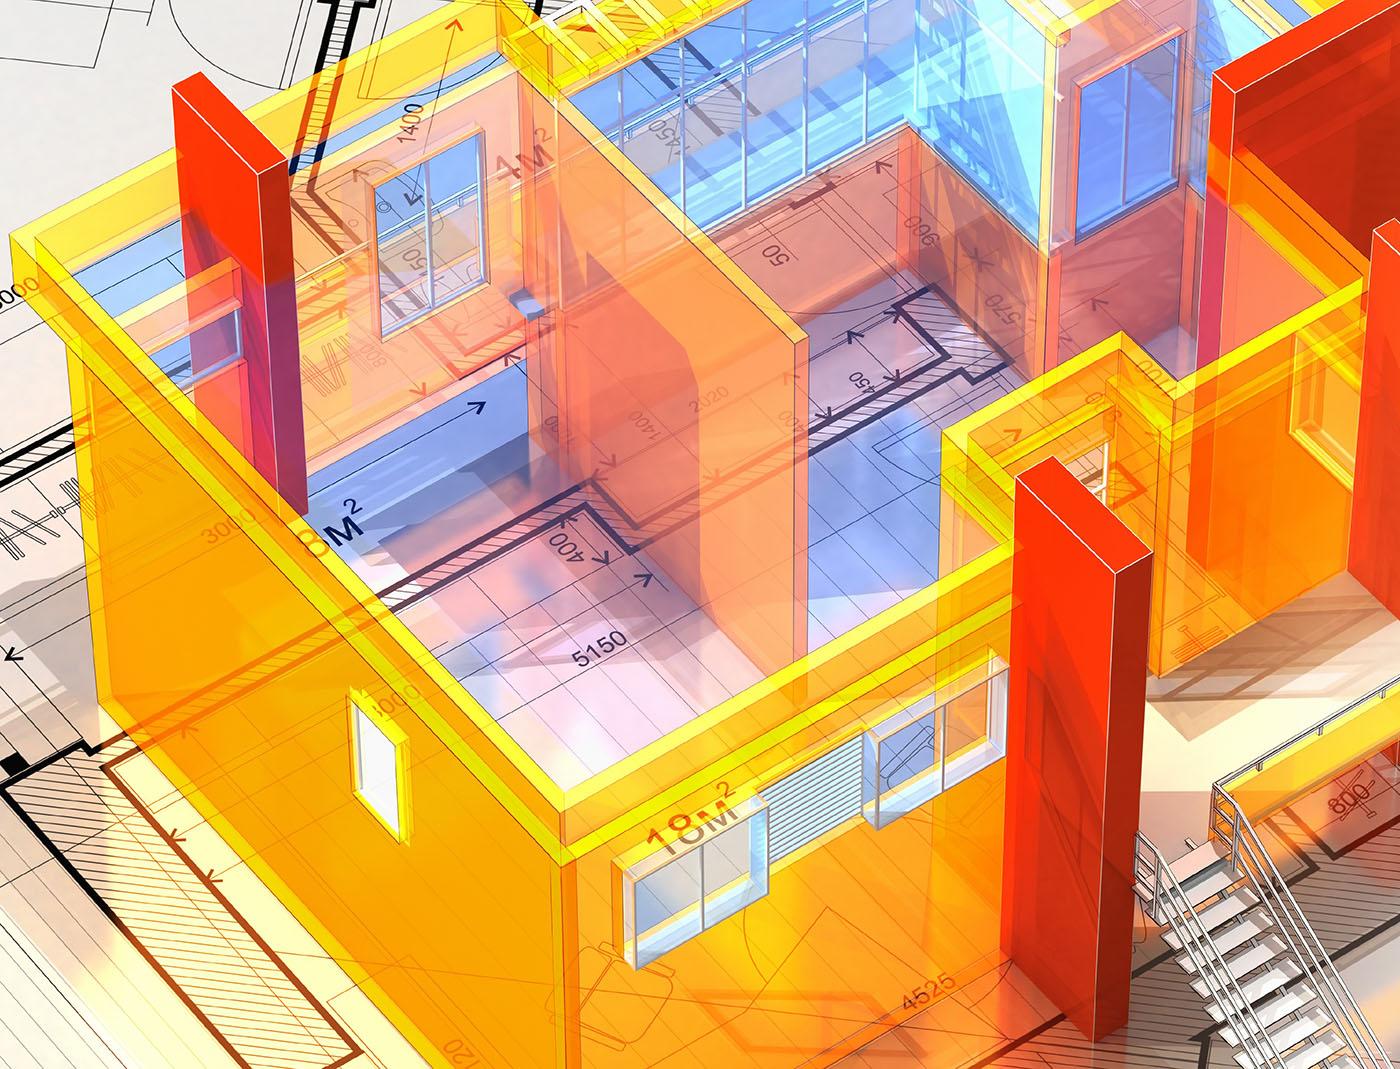 Ein virtuelles Modellhaus auf einem Bauplan